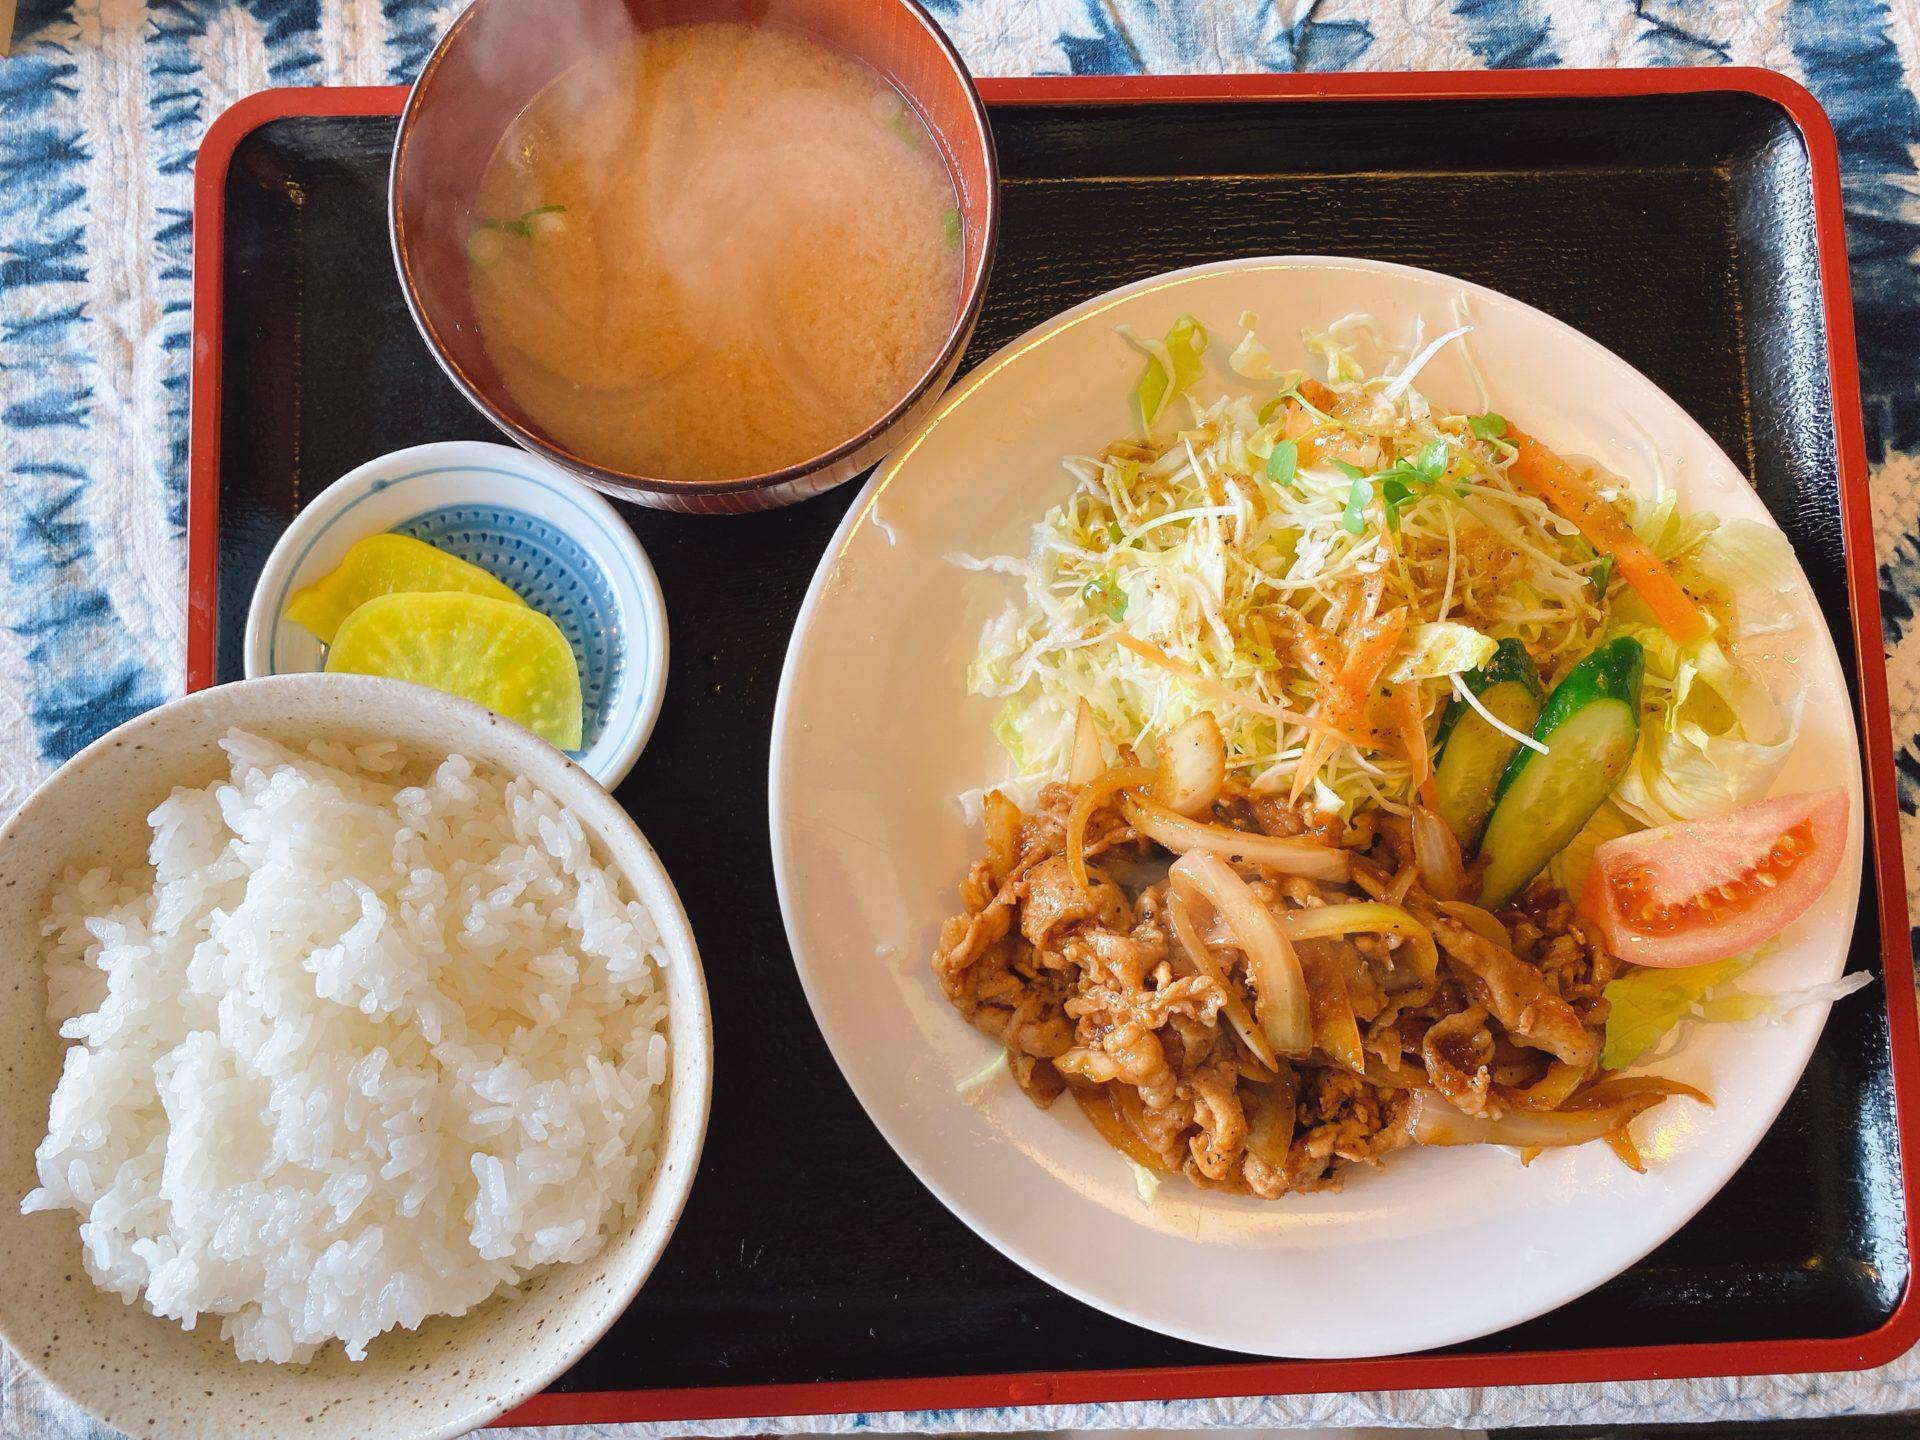 岡山市南区郡 【まんま屋 フリーク】の日替り定食が550円!今日は「豚のしょうが焼き」で、美味しくてボリュームもあり大満足!